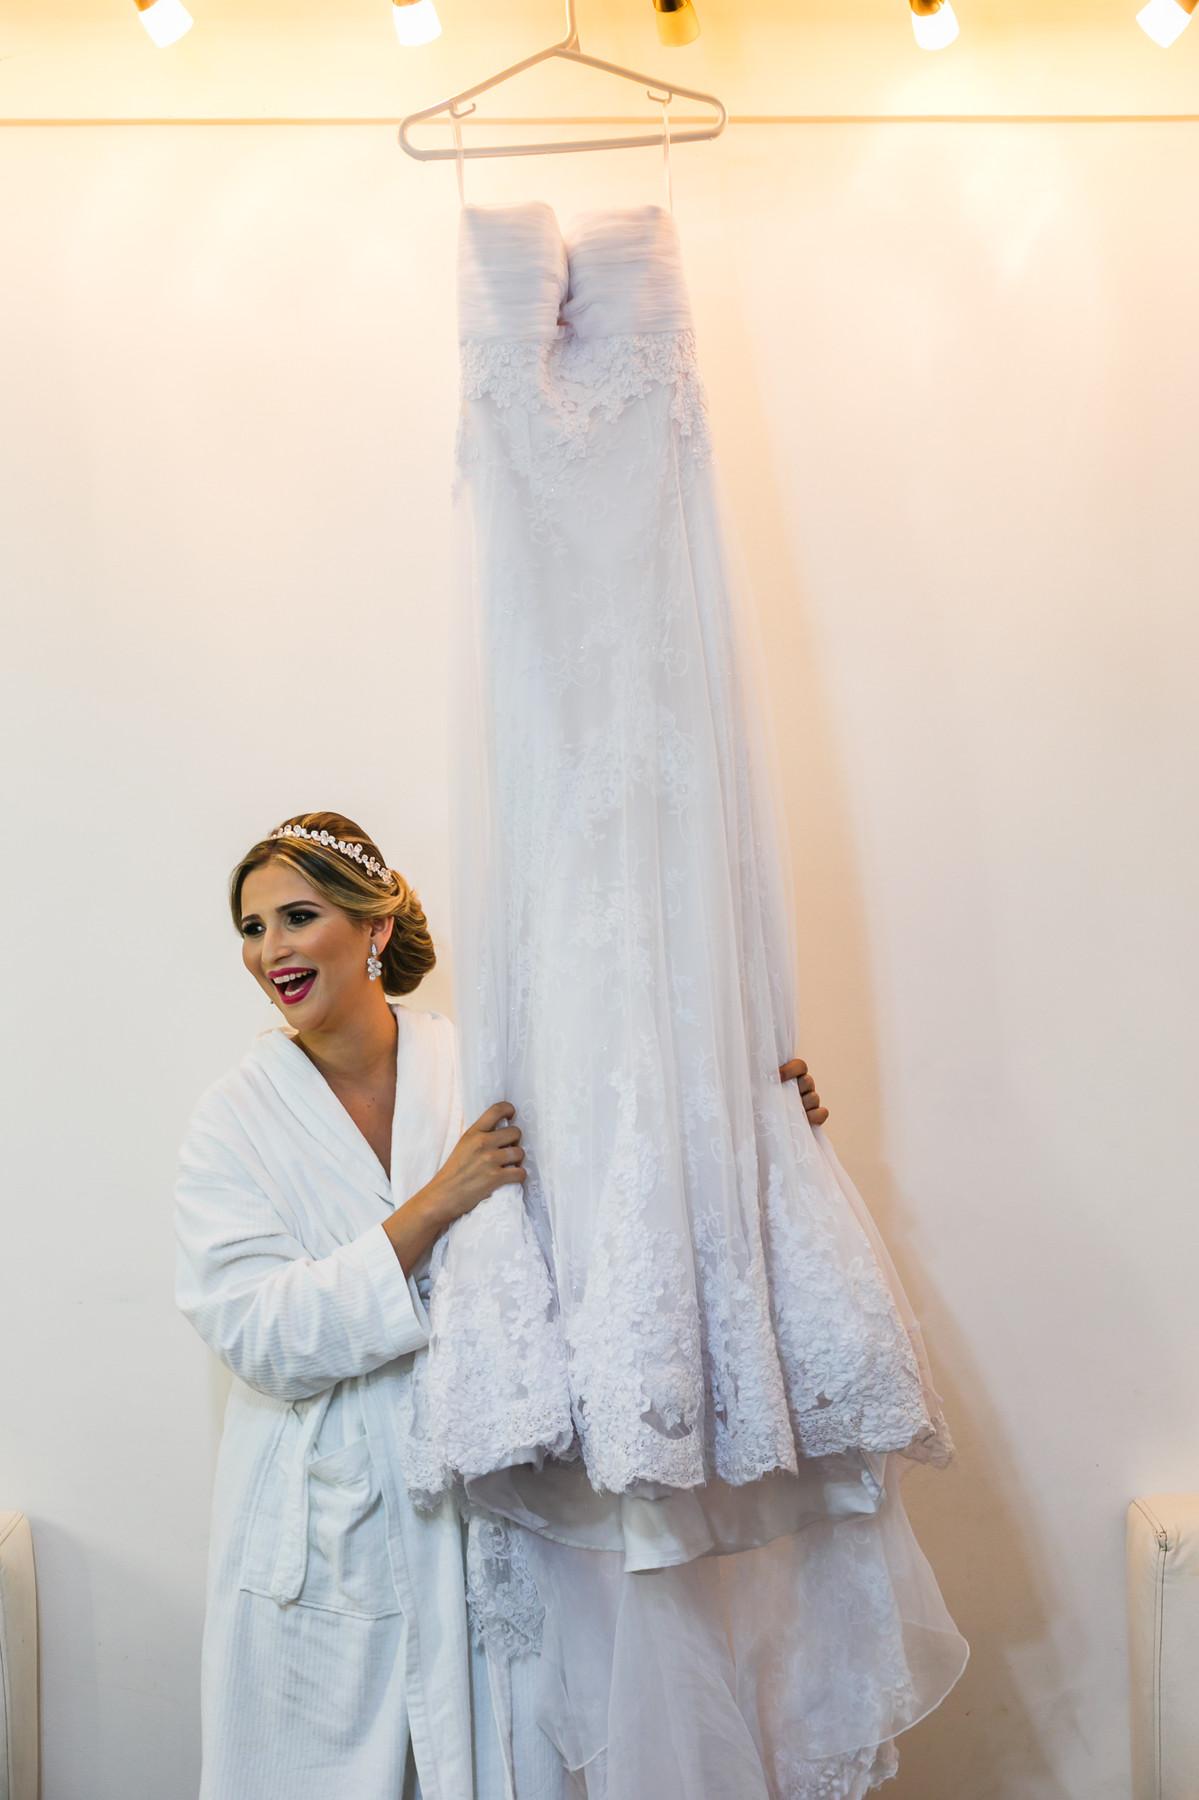 A noiva e o vestido, fotografia de casamento, Governador Valadares, Josie Nader